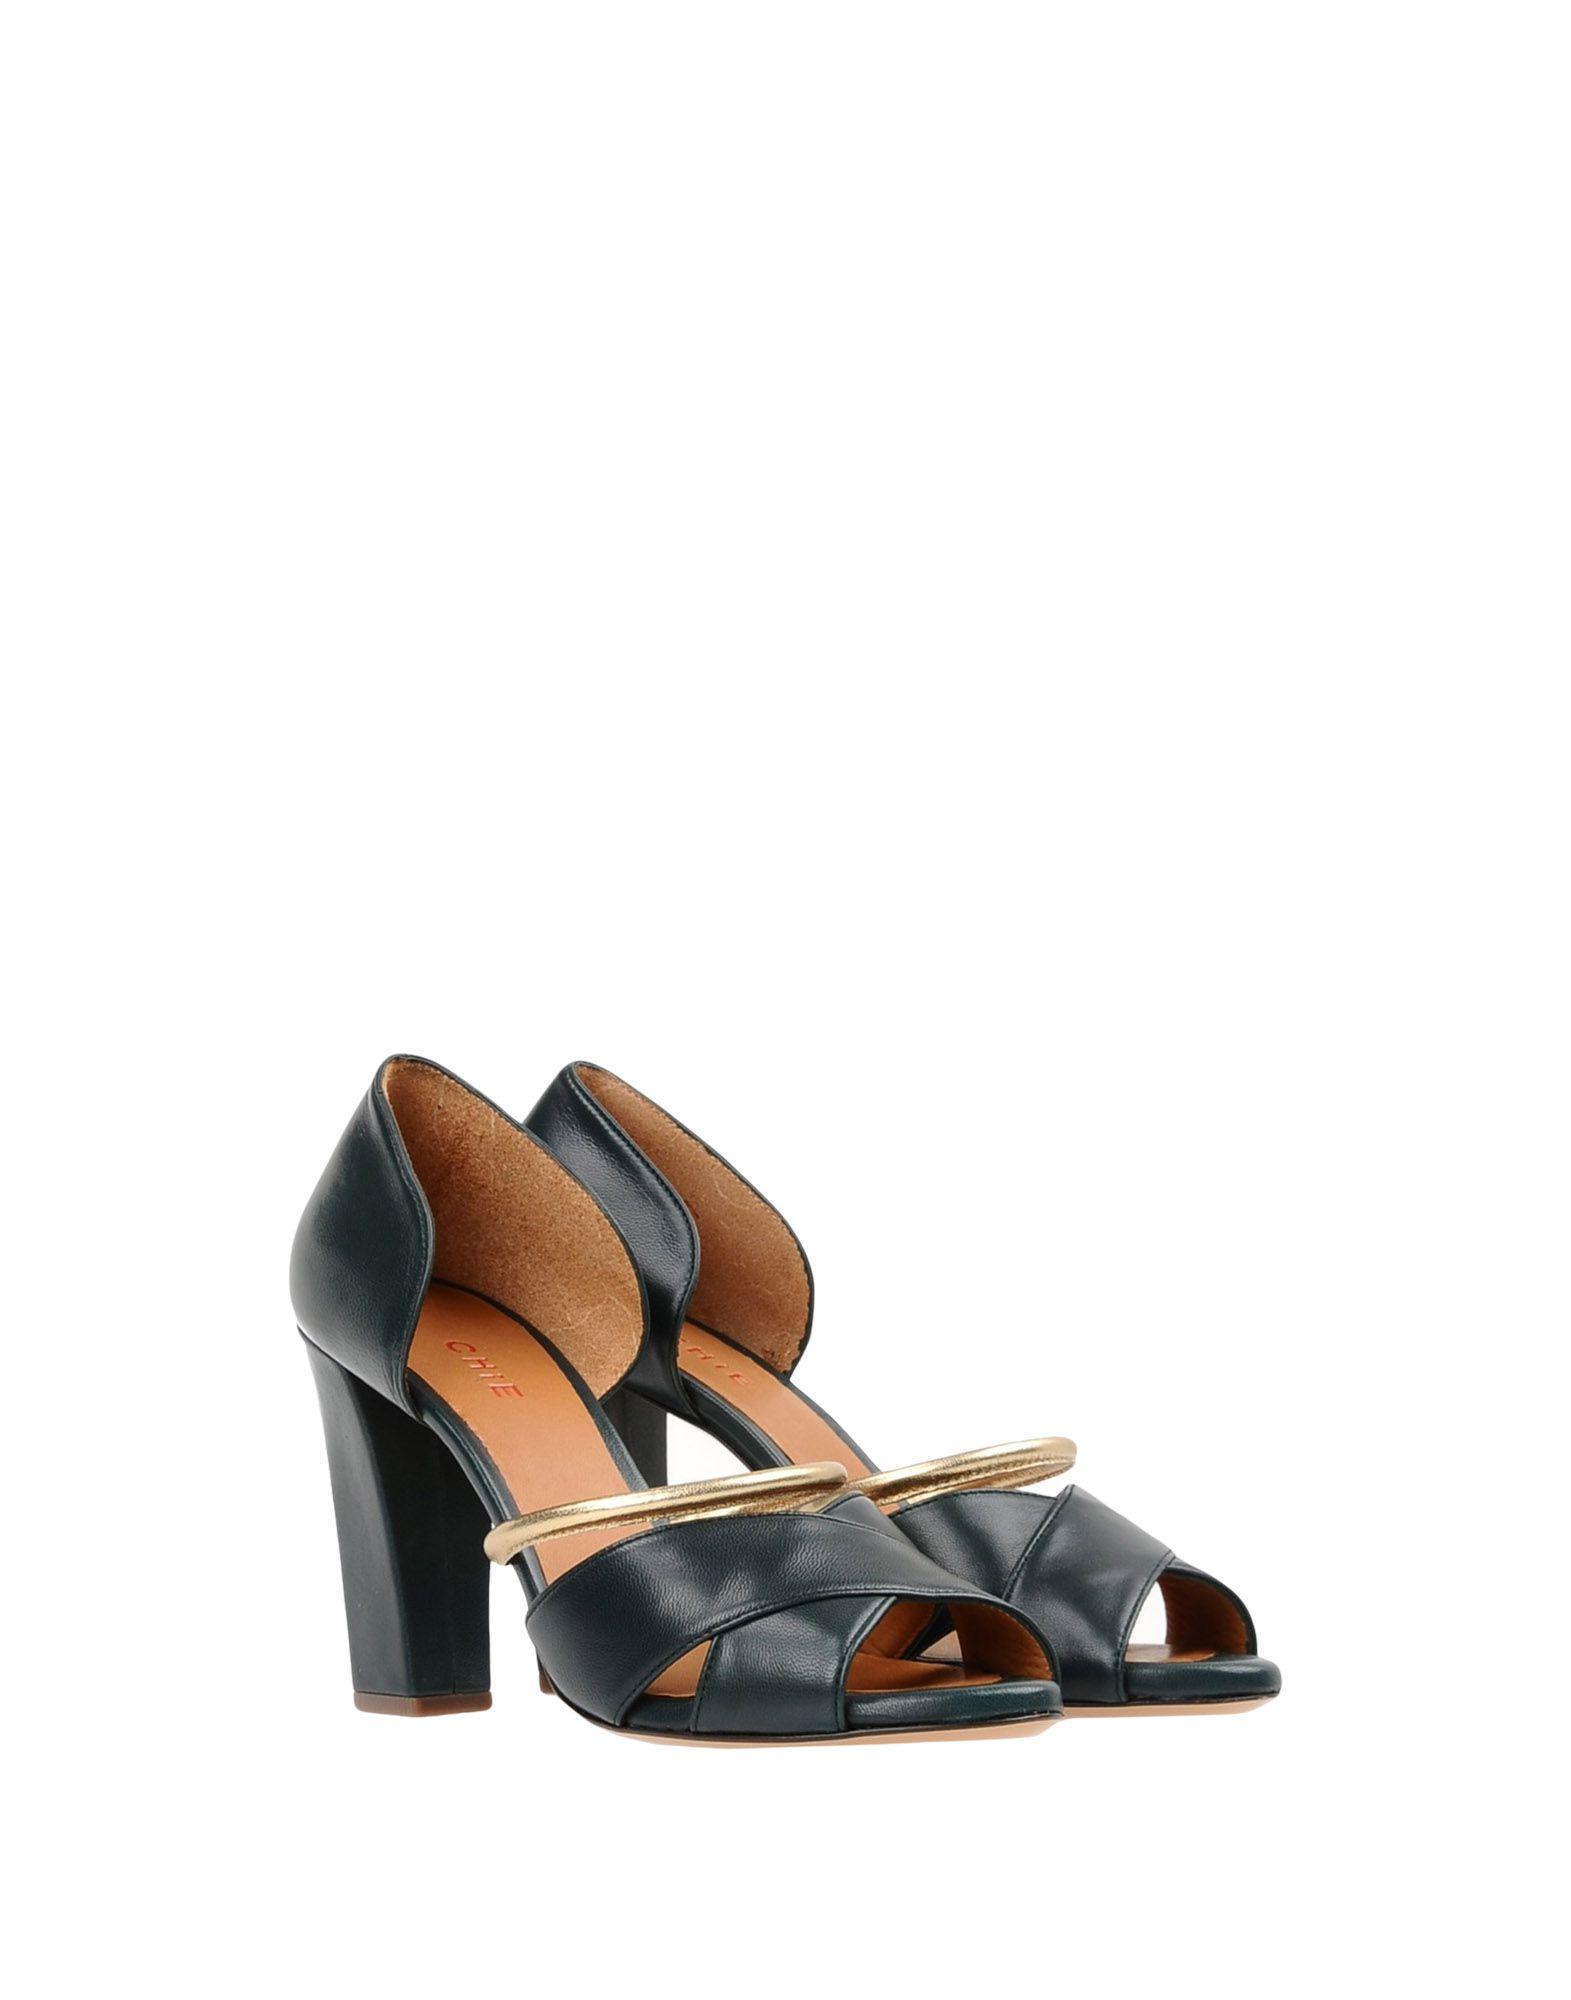 Chie By Chie Mihara Sandalen Damen  11350439IP Heiße Schuhe